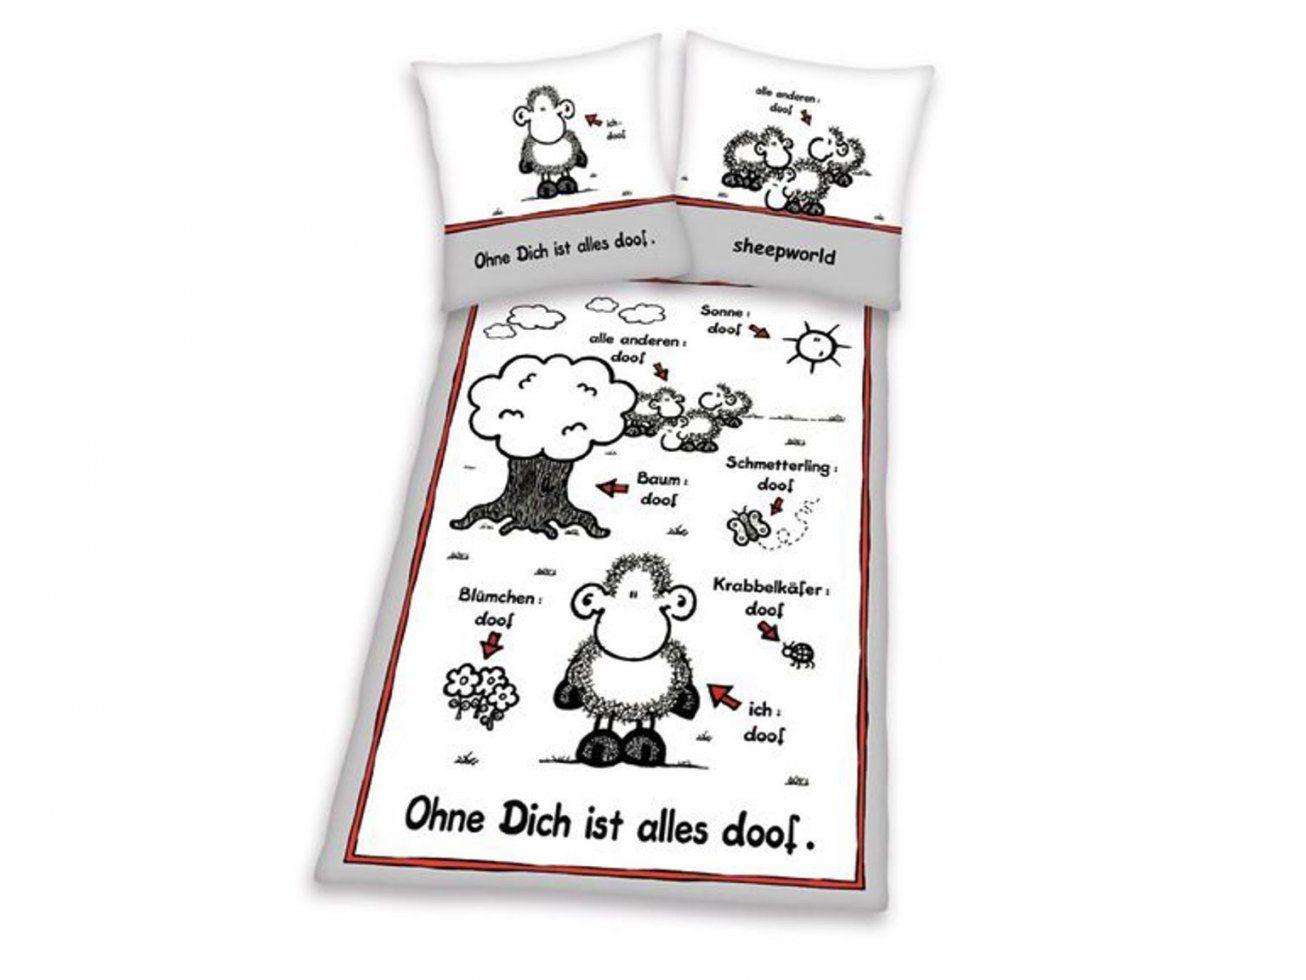 Gebraucht Sheepworldbettwäsche In 70567 Stuttgart Um € 1200 – Shpock von Bettwäsche Ohne Dich Ist Alles Doof Bild